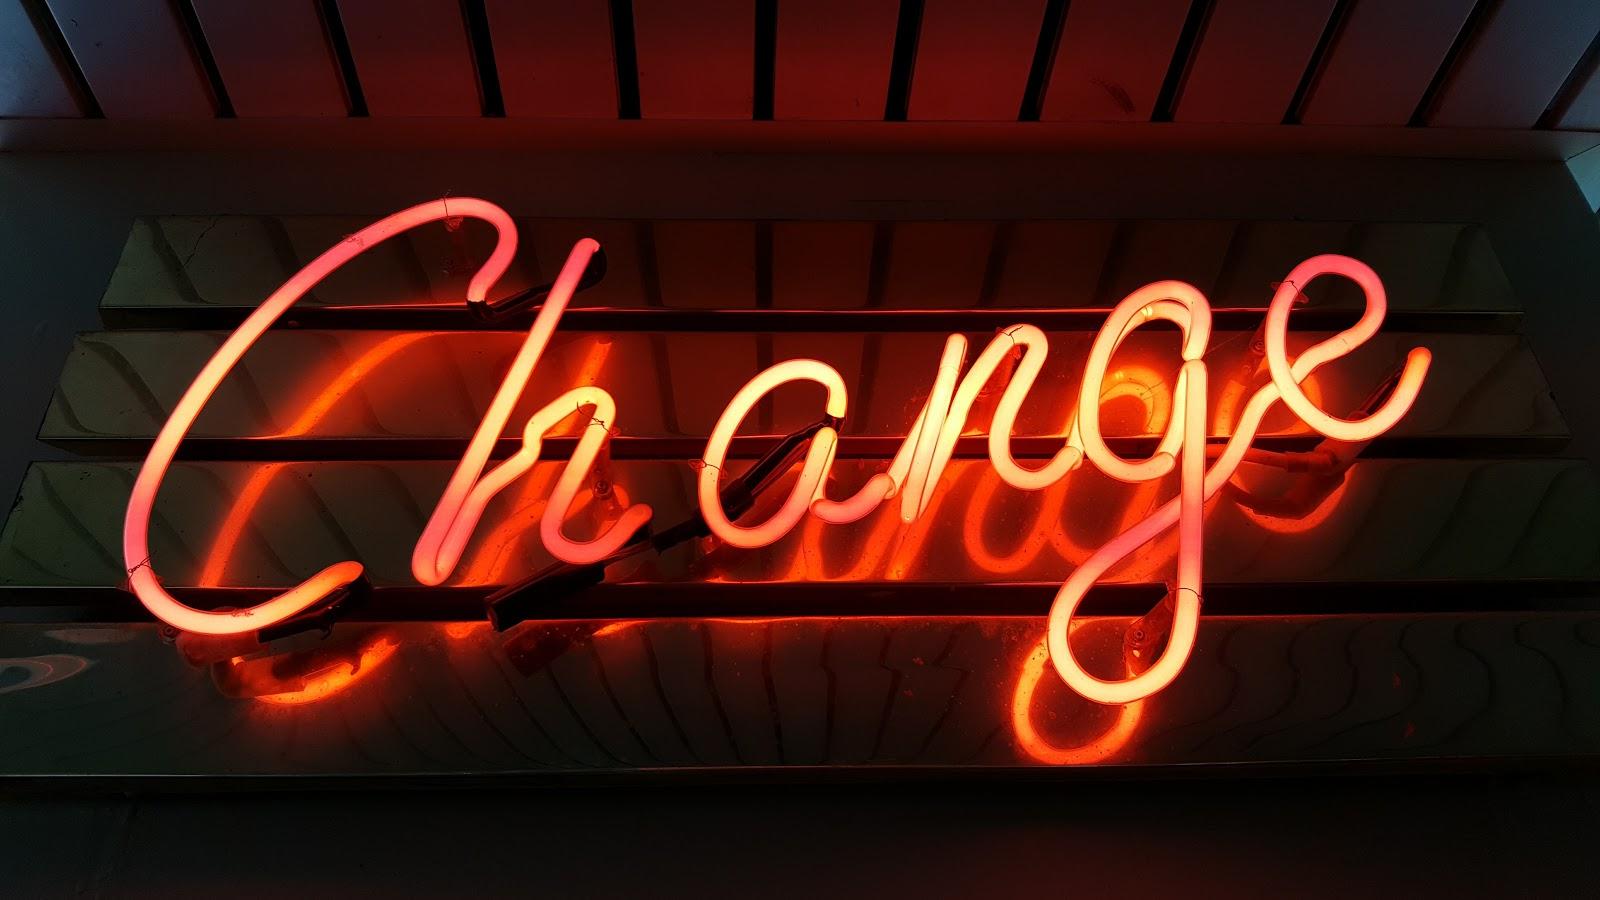 Toute transformation digitale implique un changement